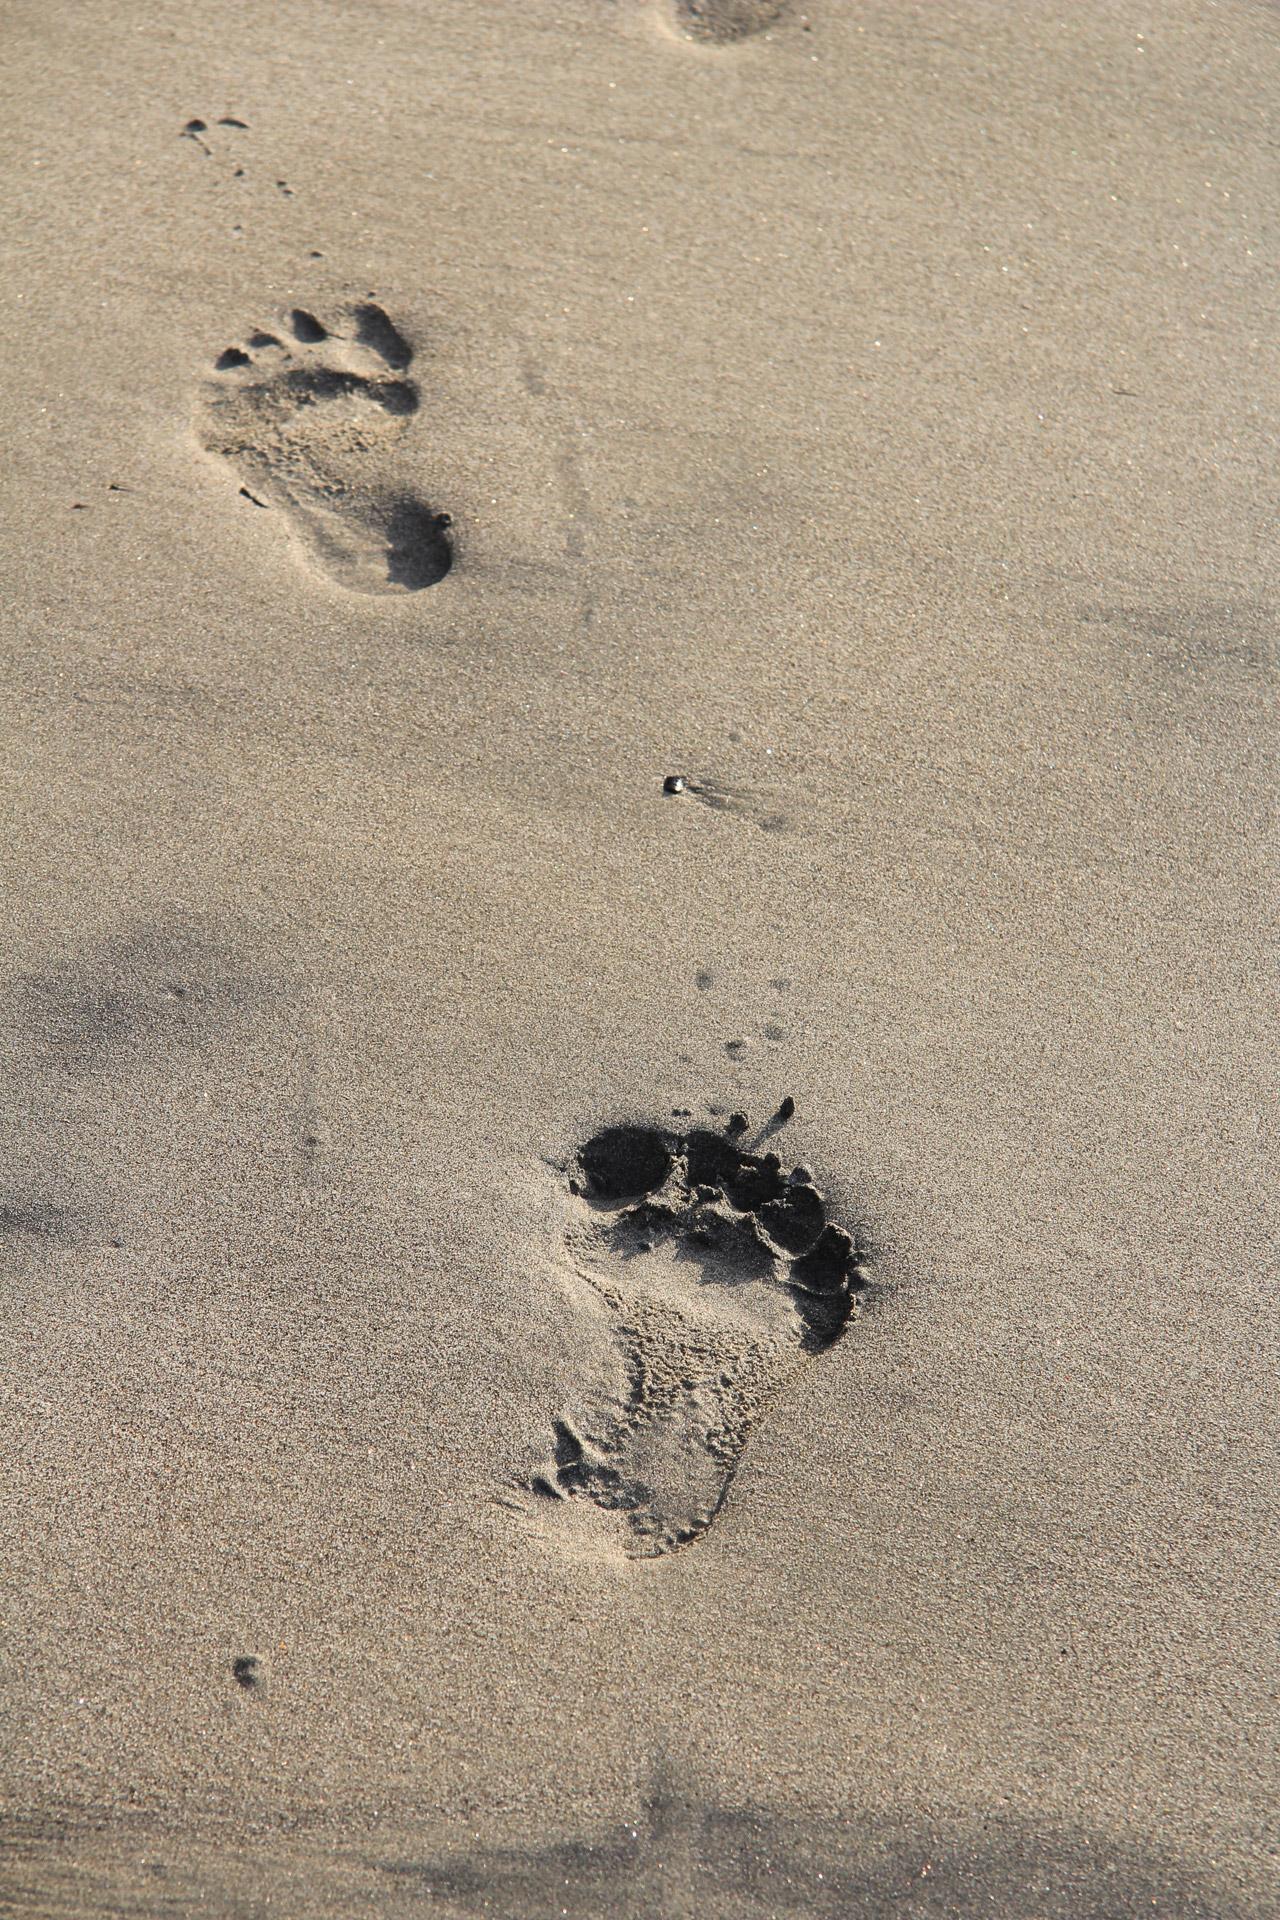 Trace De Pas Dans Le Sable : trace, sable, Traces, Sable, Photo, Stock, Libre, Public, Domain, Pictures